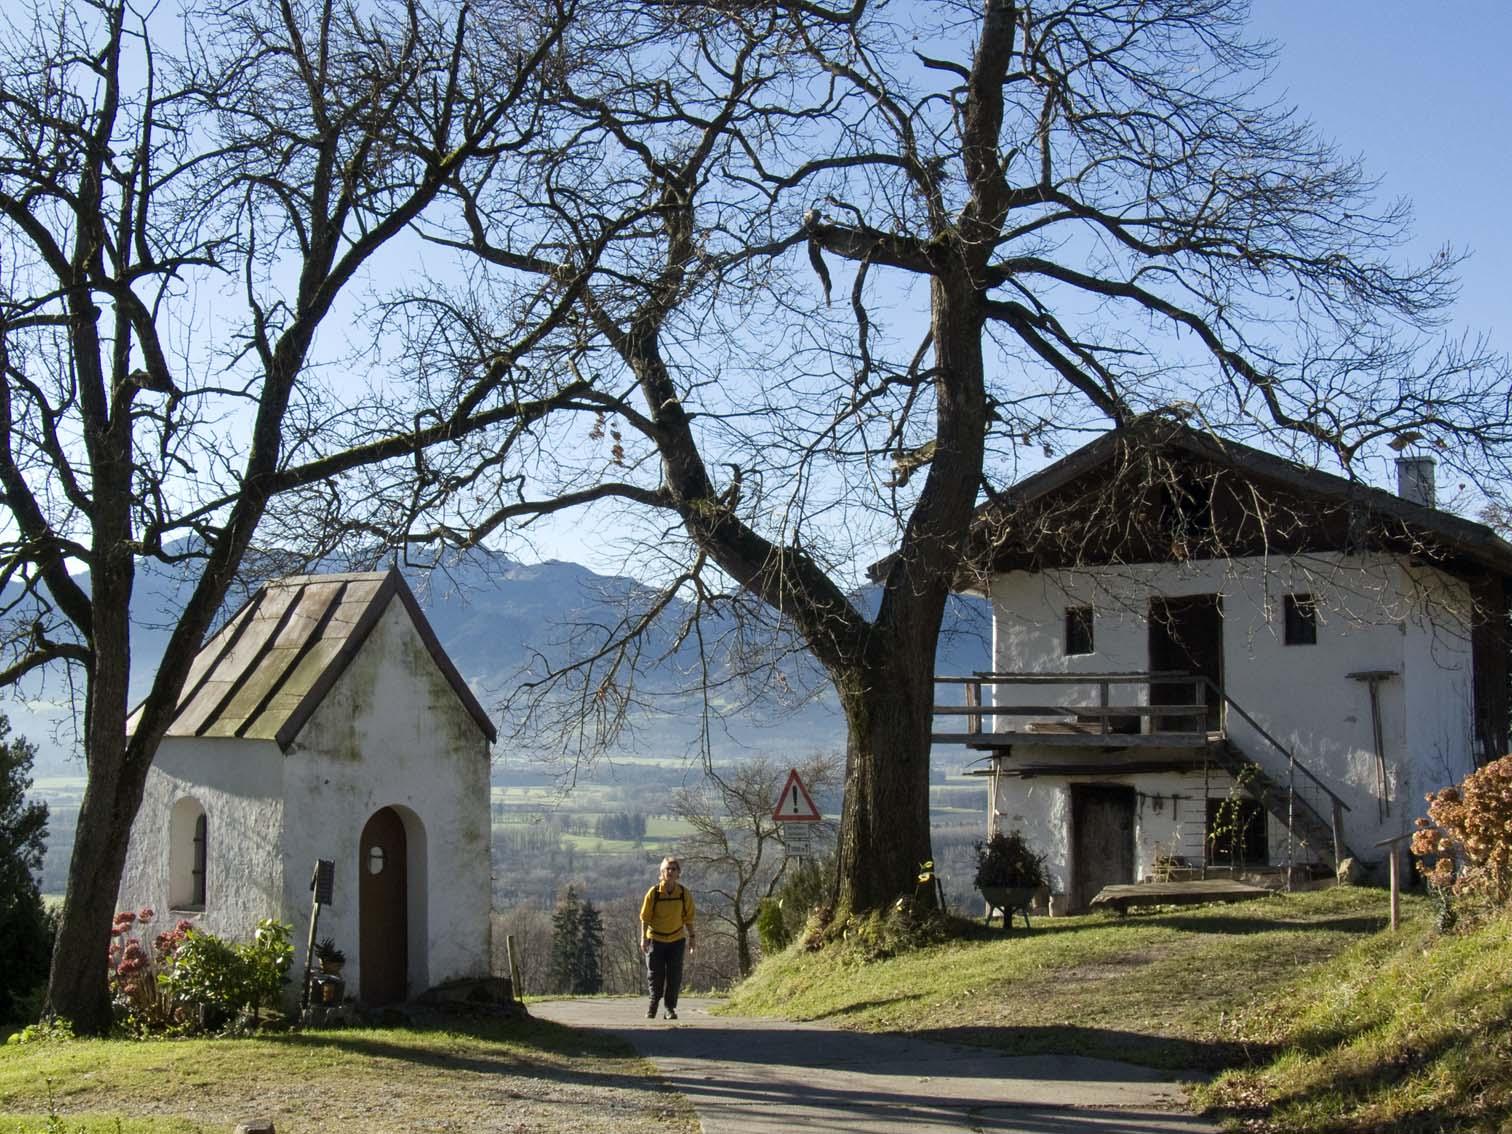 Panoramablick von Vordersteinberg auf das Inntal